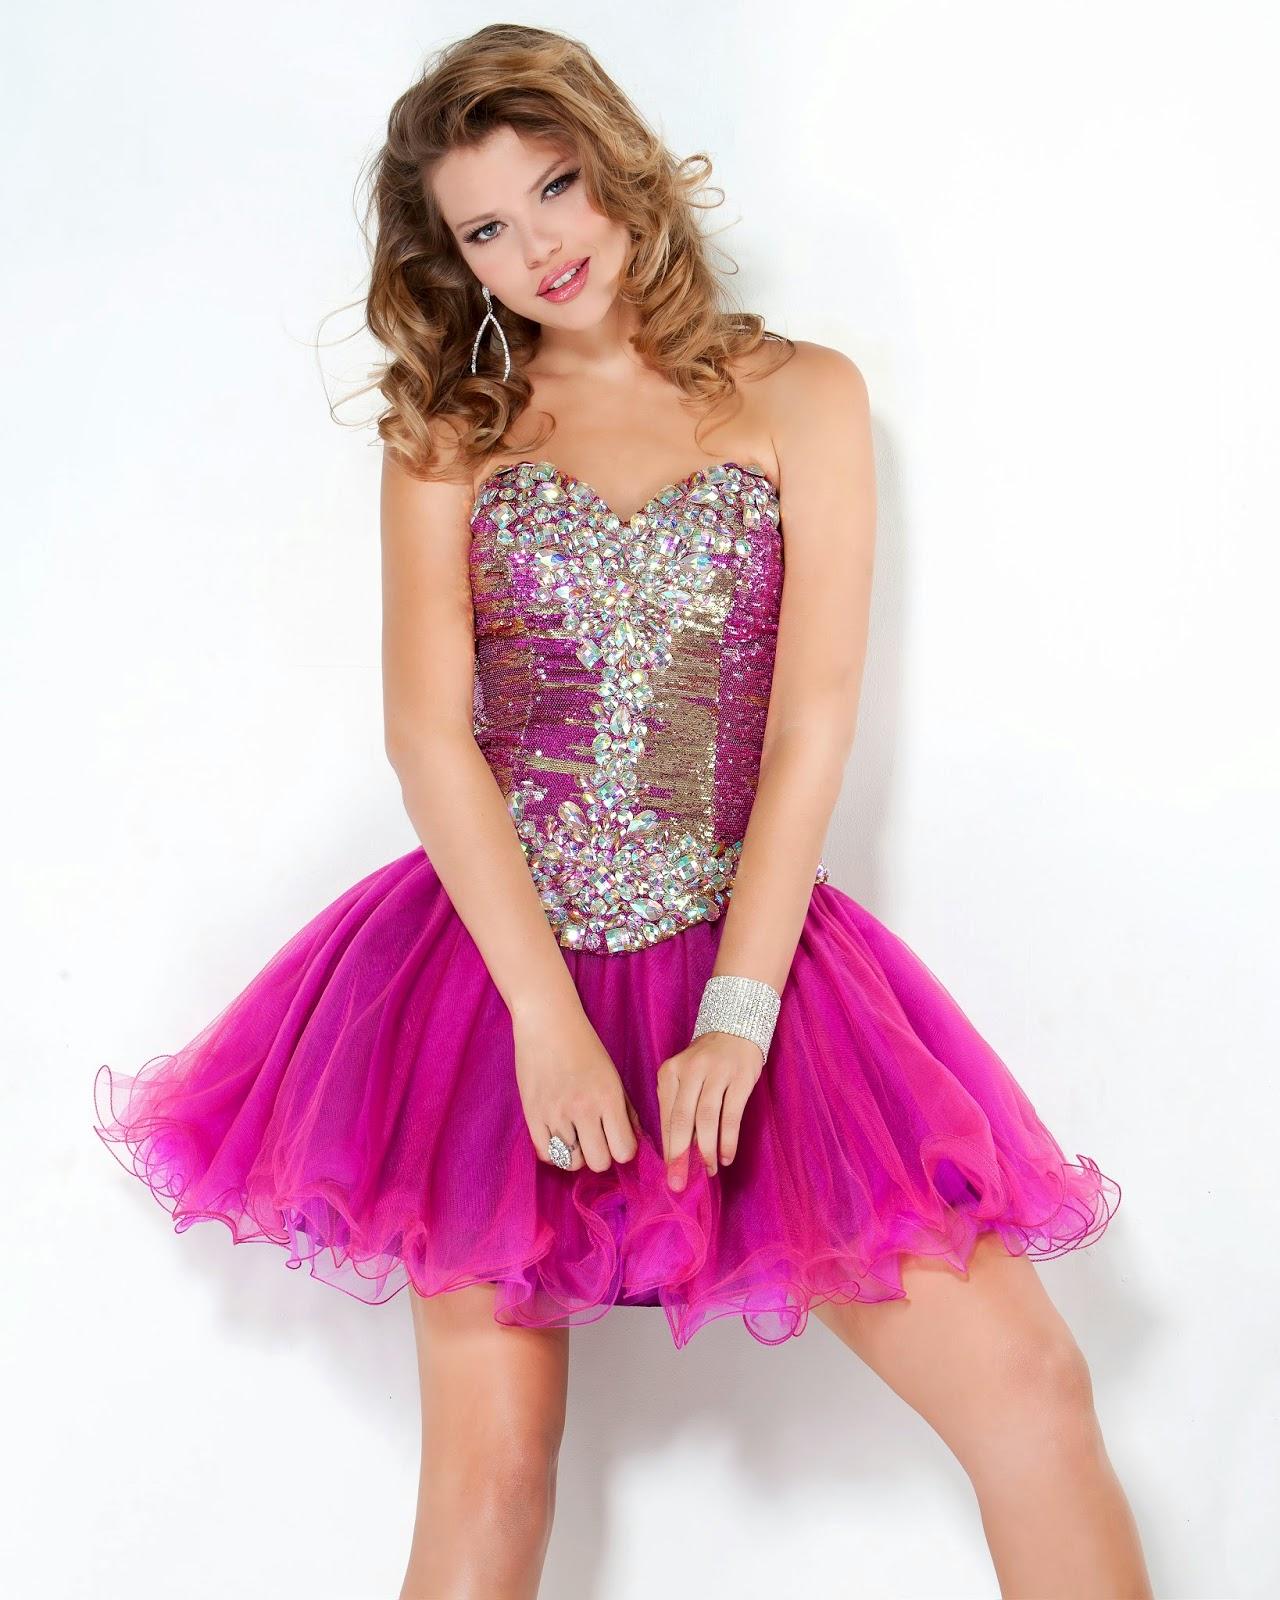 vestido de festa curto rosa com saia em tule - fotos e modelos